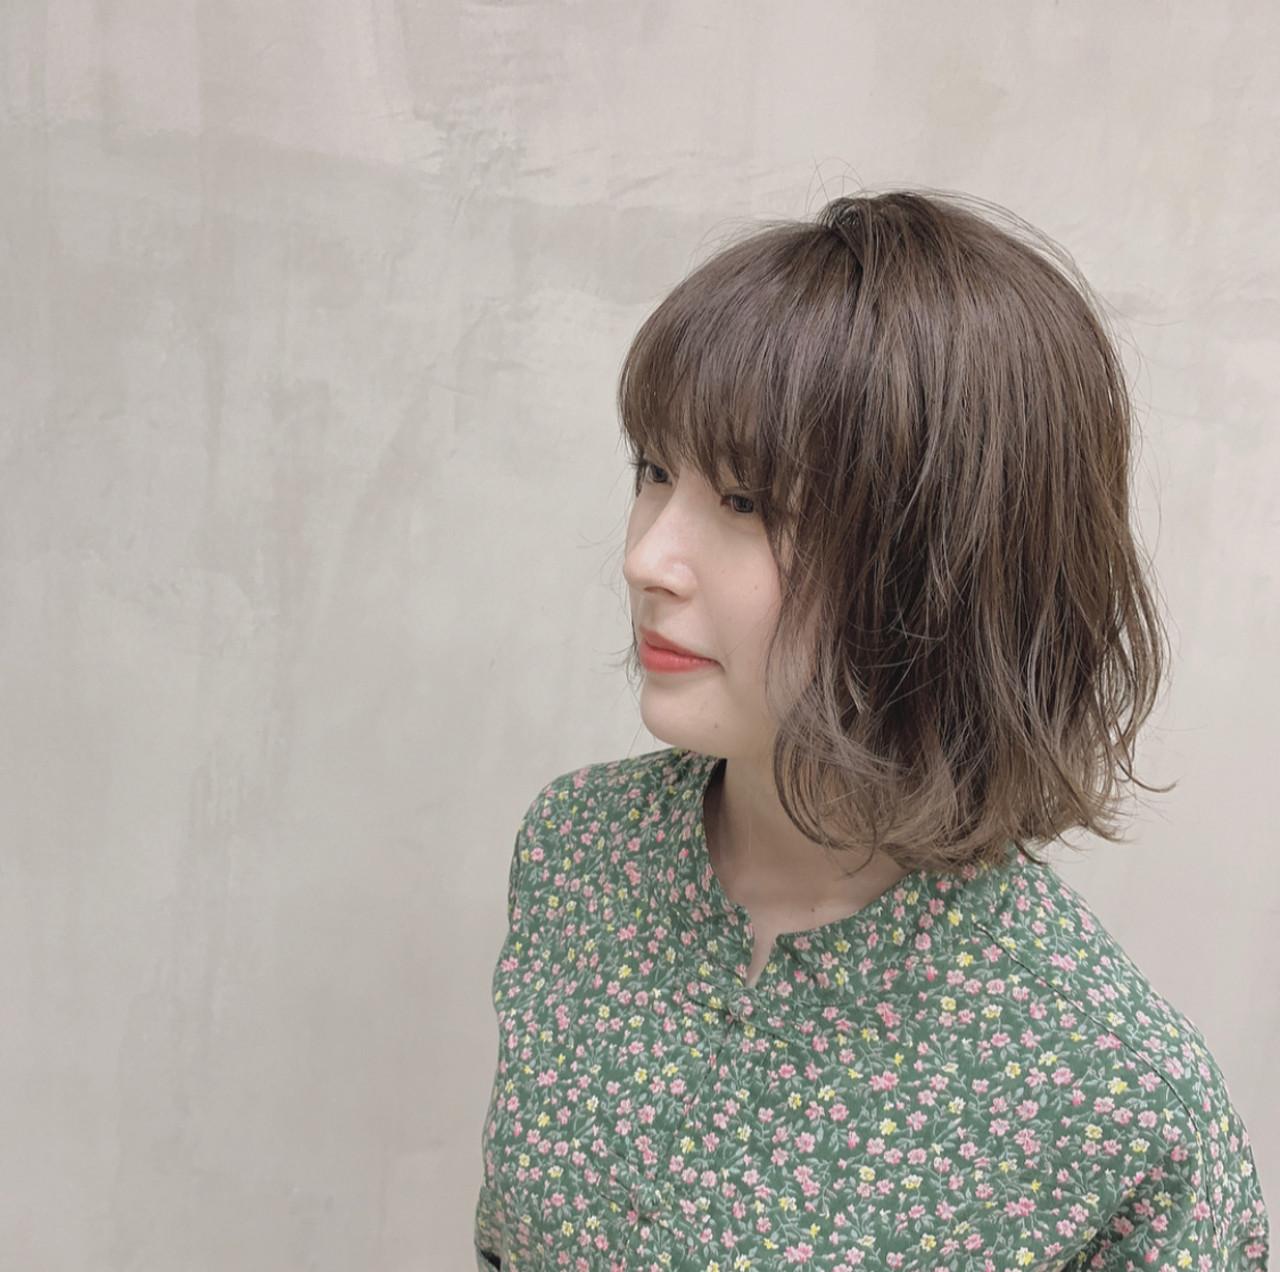 パーマ ナチュラル 外国人風カラー 透明感カラー ヘアスタイルや髪型の写真・画像